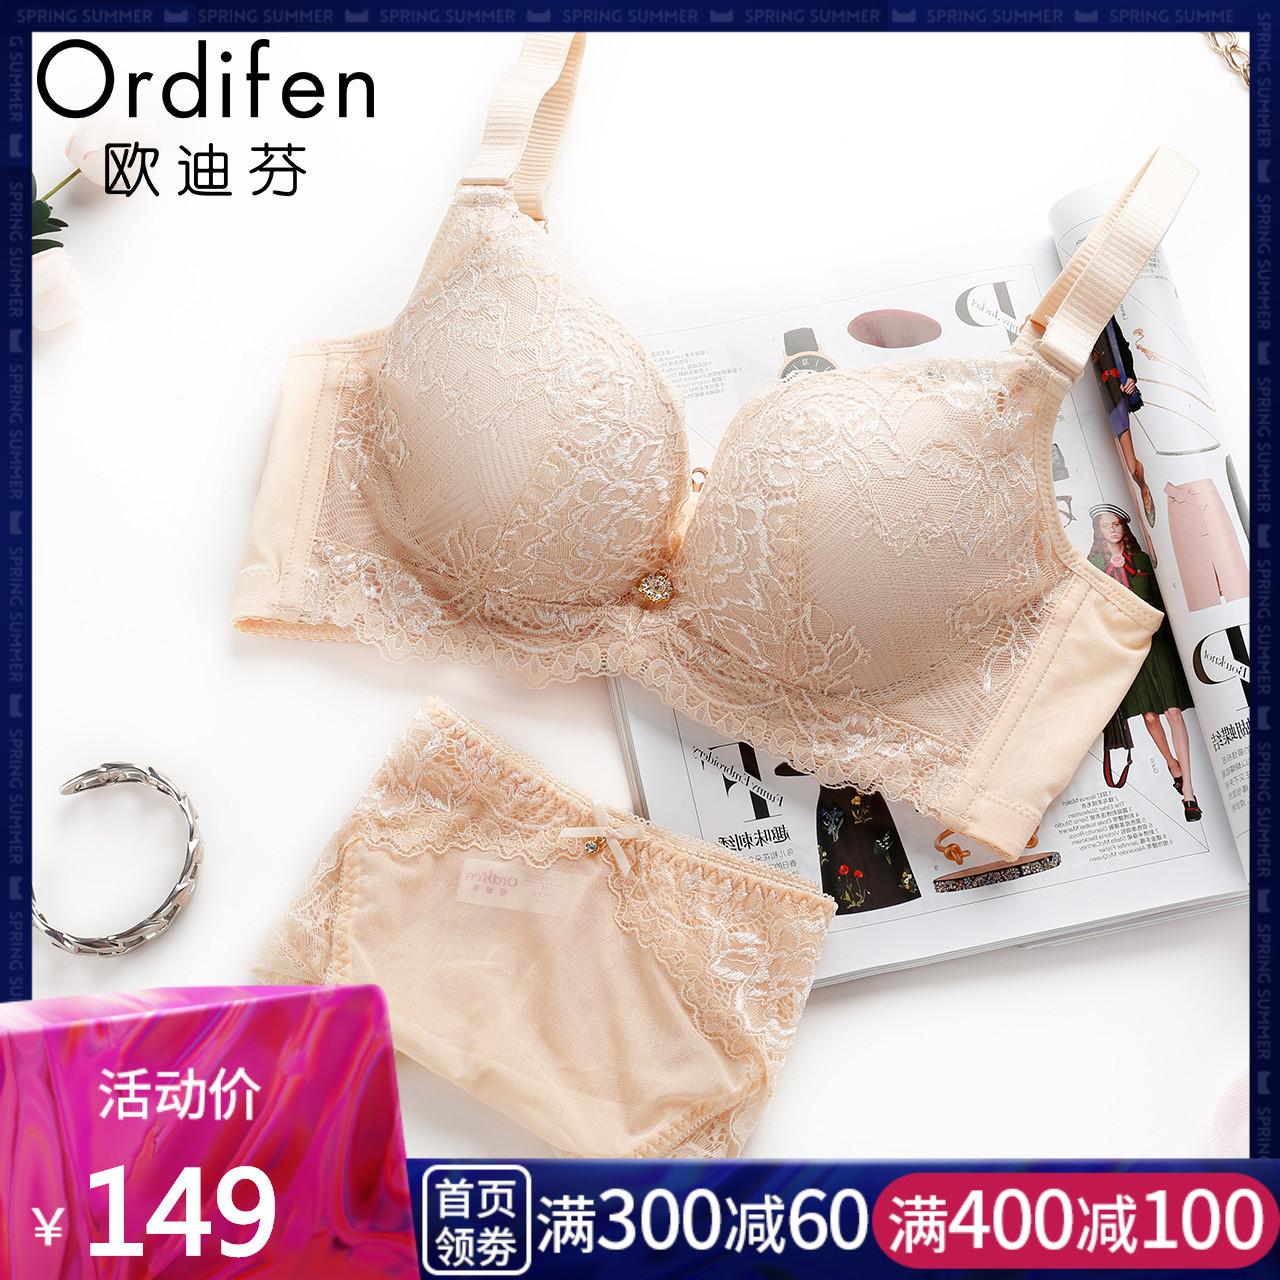 欧迪芬蕾丝性感内衣女士聚拢文胸调整型美背胸罩收副乳胸衣XB6106